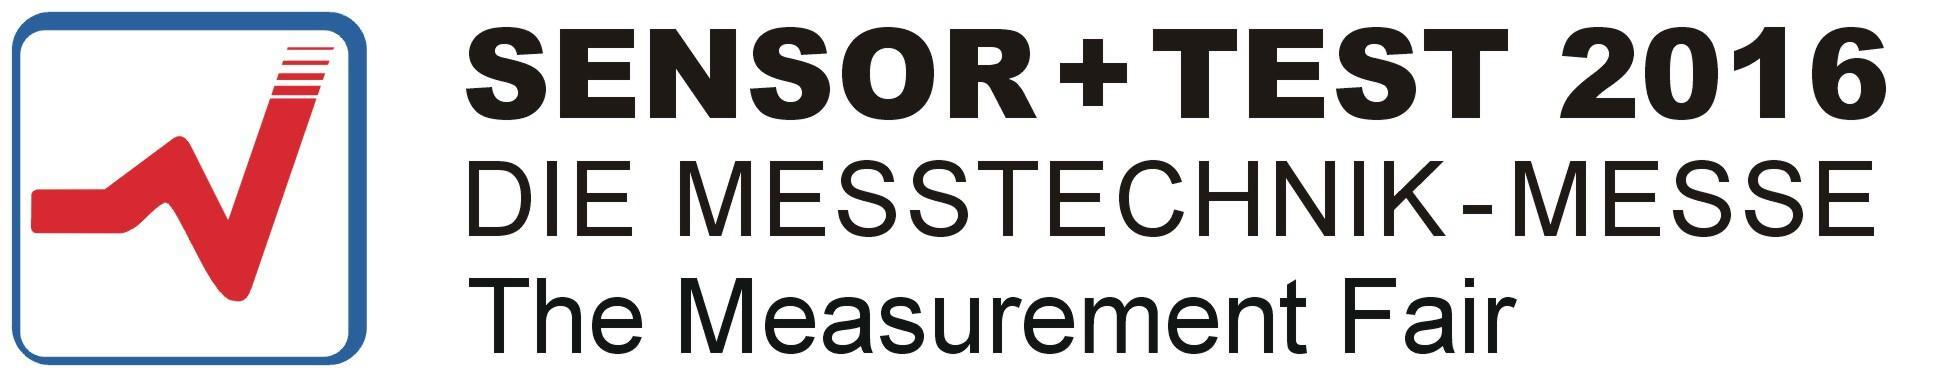 Logo-und-Titel-SENSOR+TEST-2016-weiss